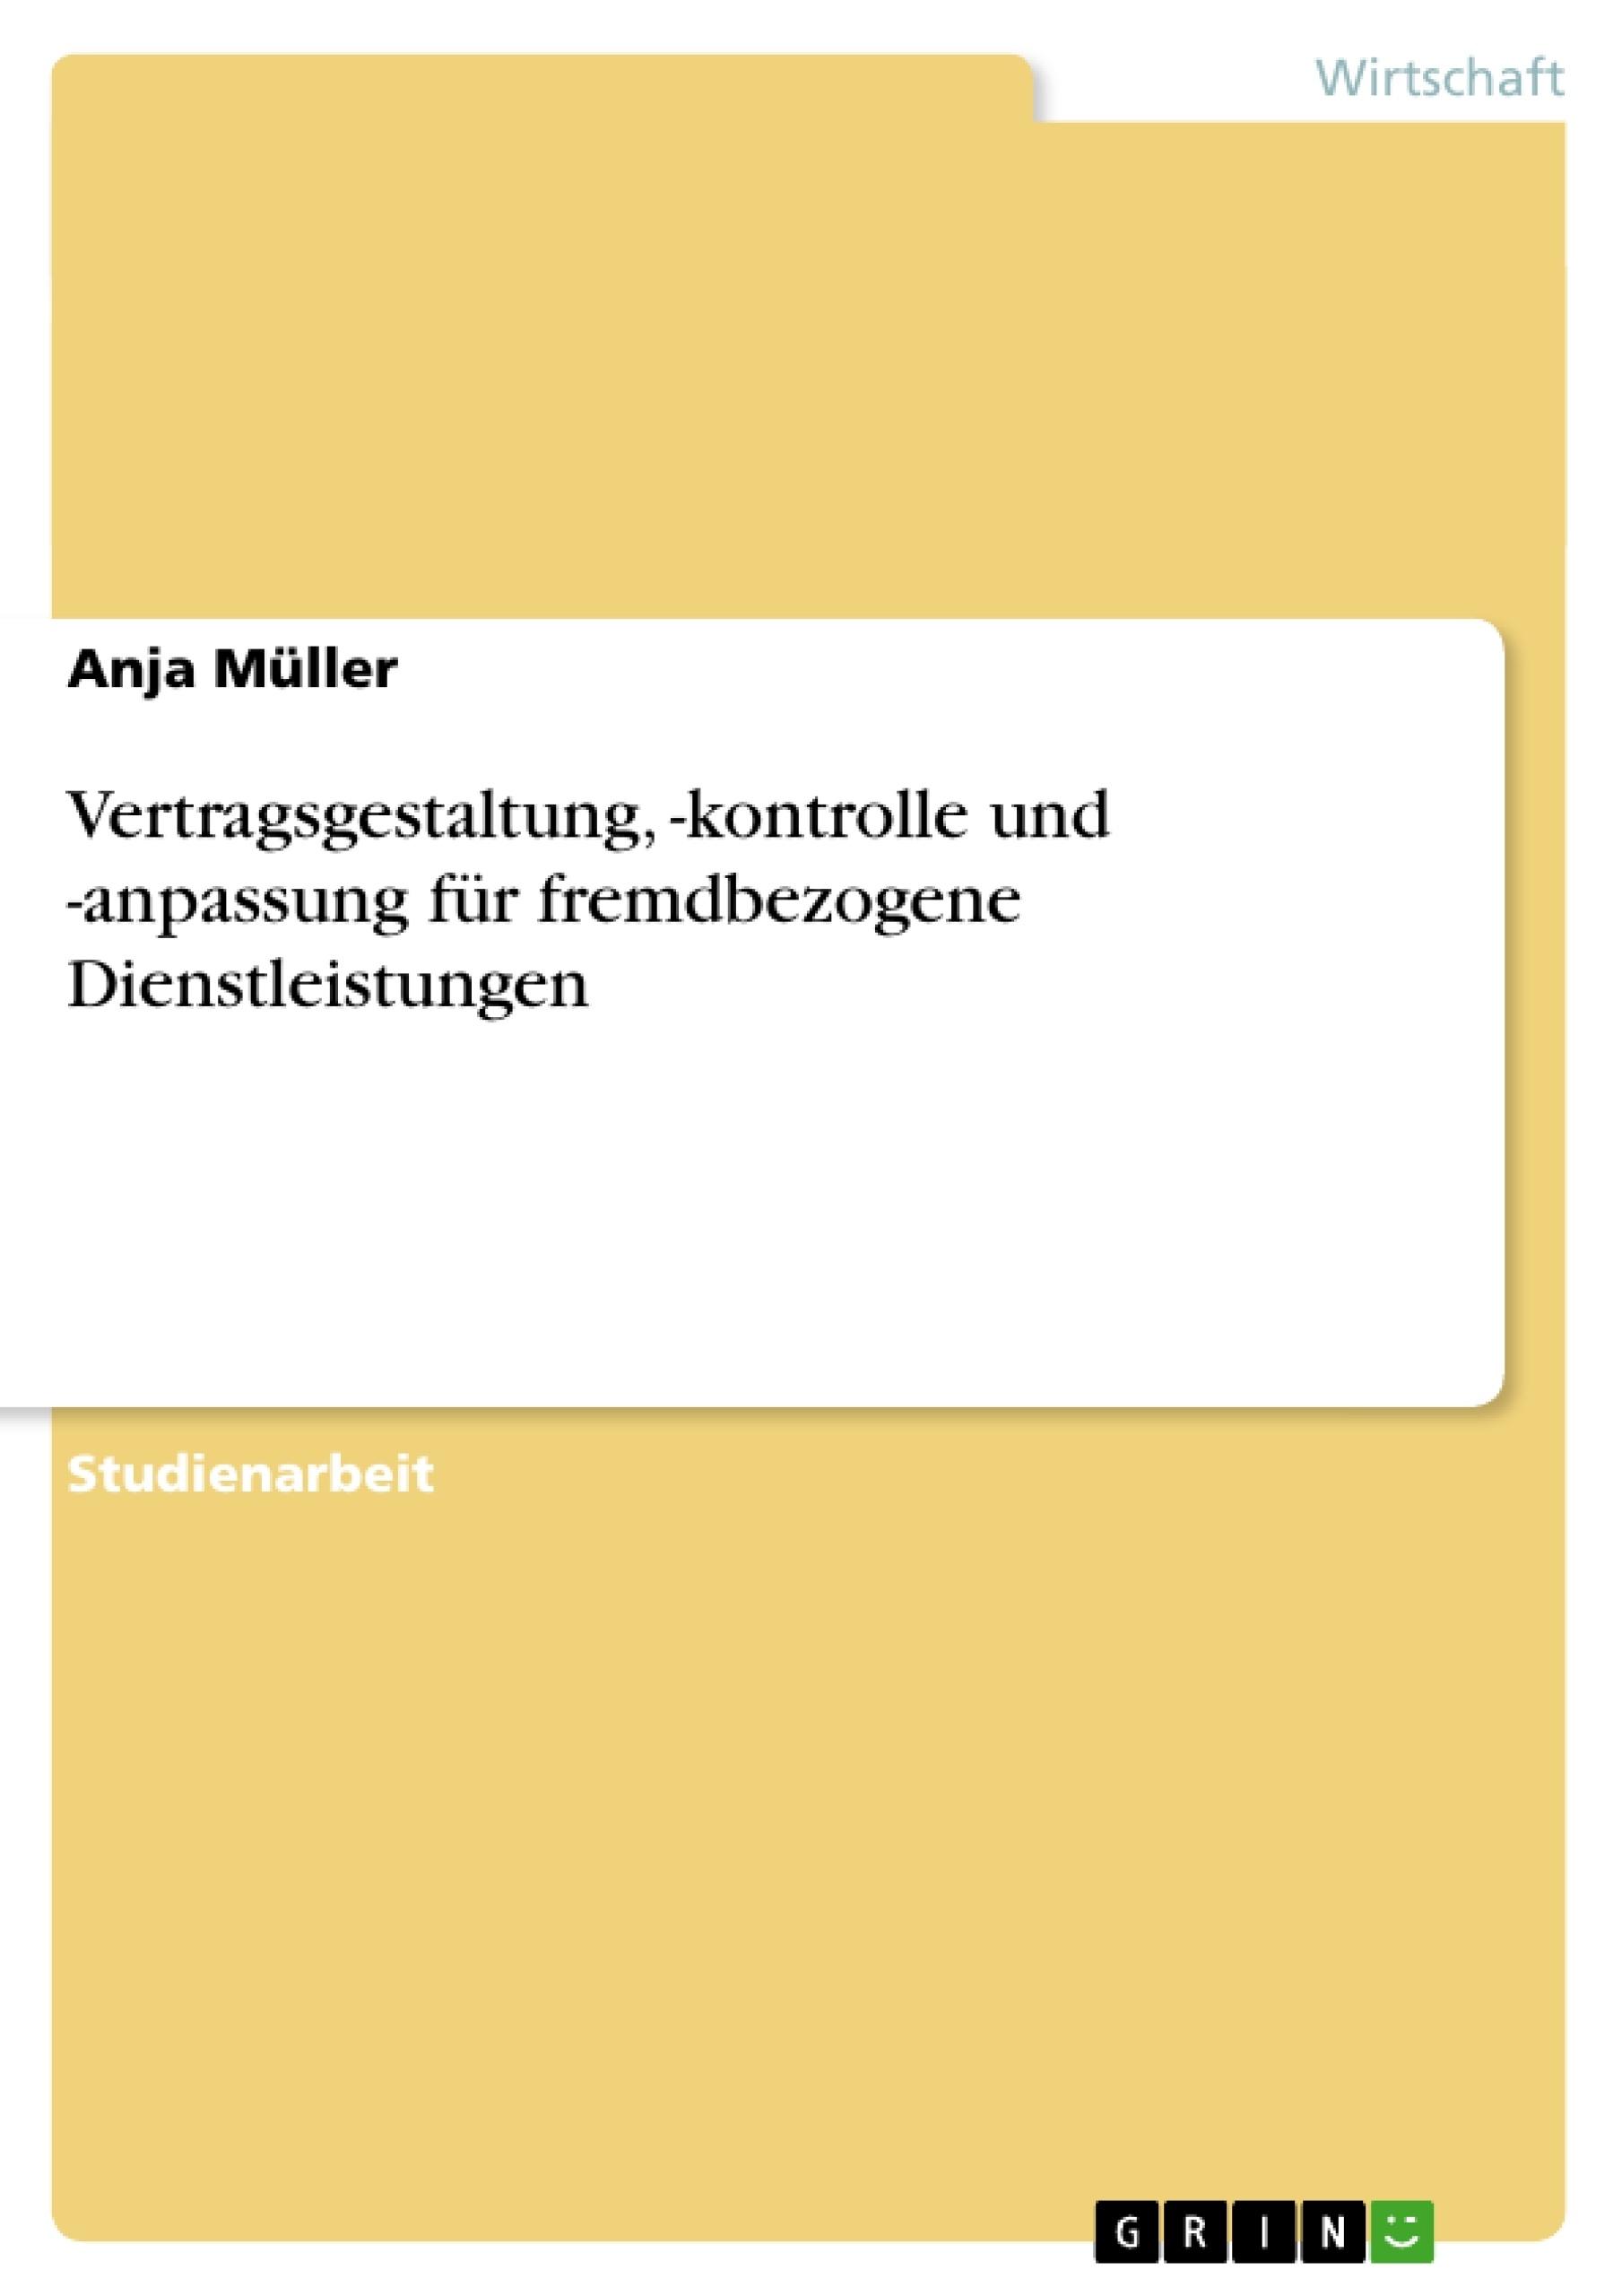 Titel: Vertragsgestaltung, -kontrolle und -anpassung  für fremdbezogene Dienstleistungen